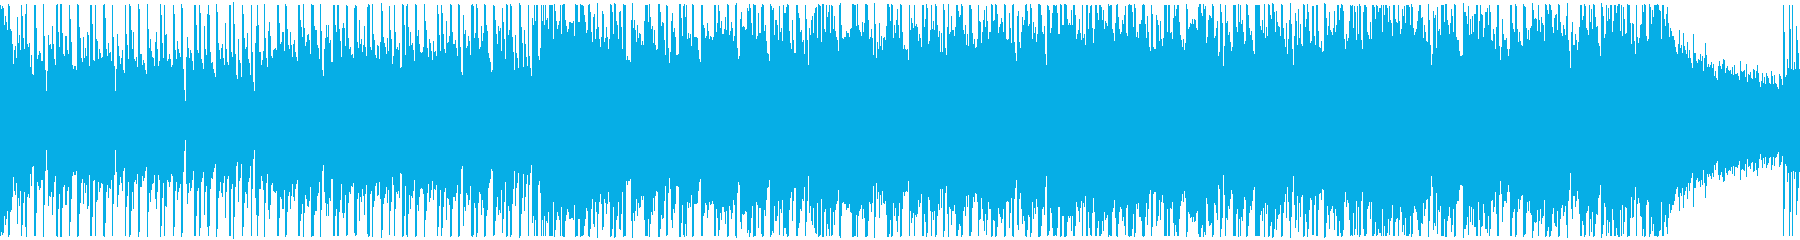 明るく軽快、ウキウキ楽しい動画用、ループの再生済みの波形